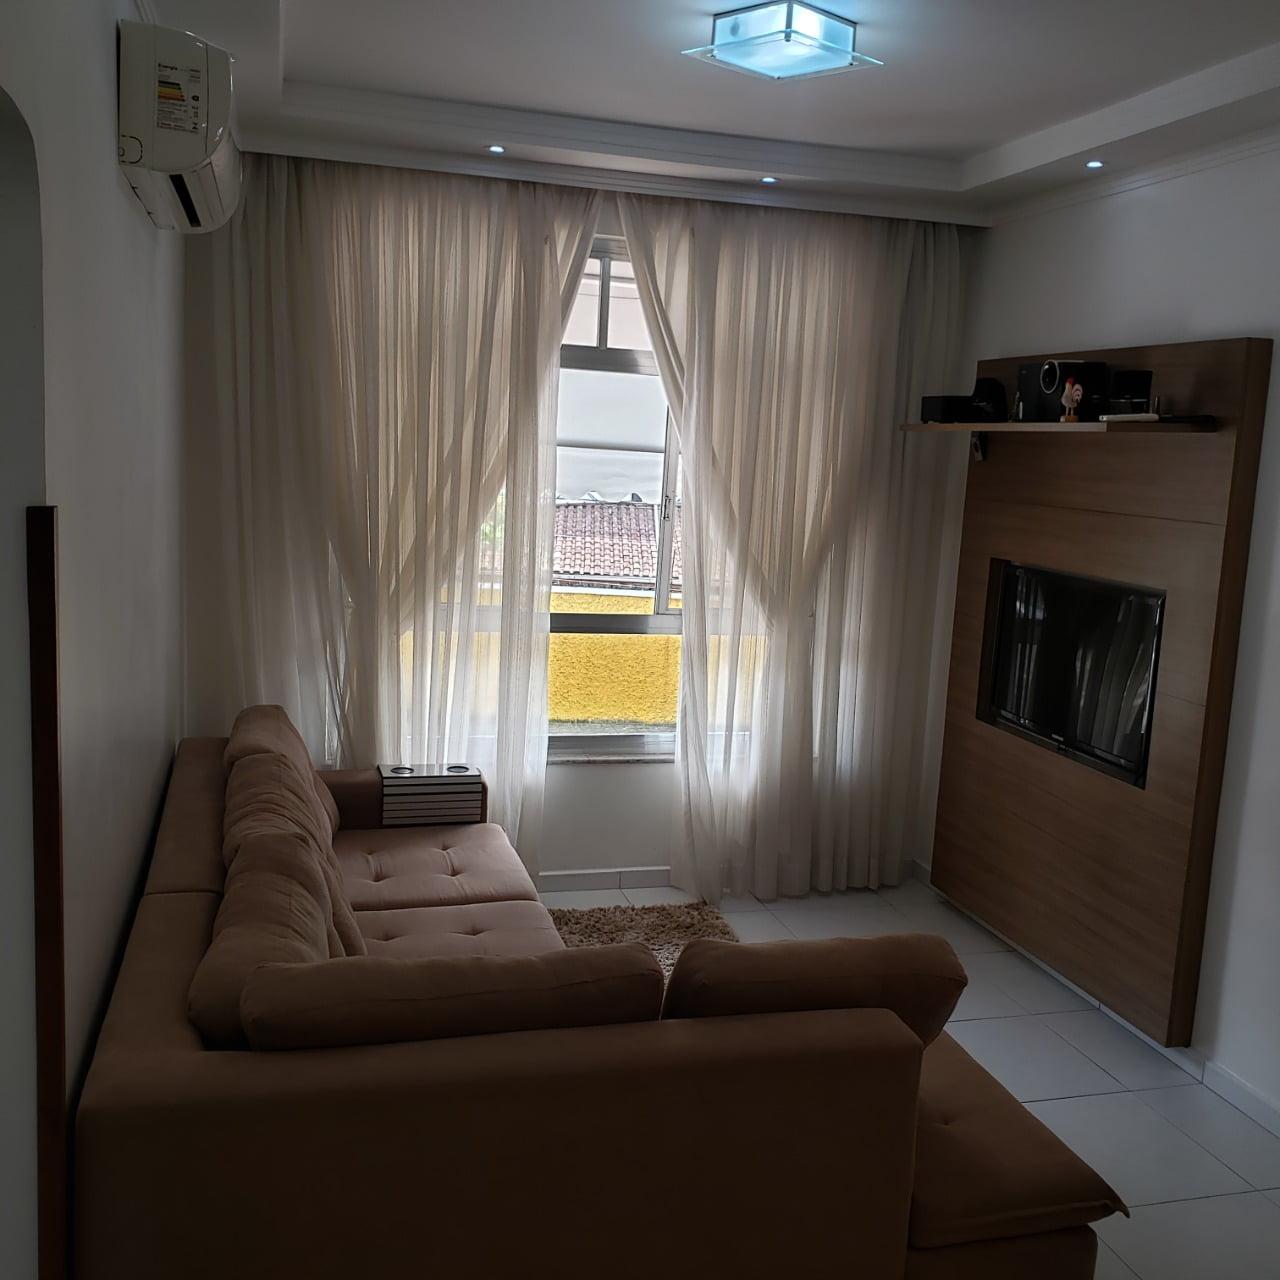 Apartamento no Bairro do Embaré , Santos , sendo 1º Andar, 3 dormitórios, 2 banheiros e garagem fechada. Todo reformado - foto 1